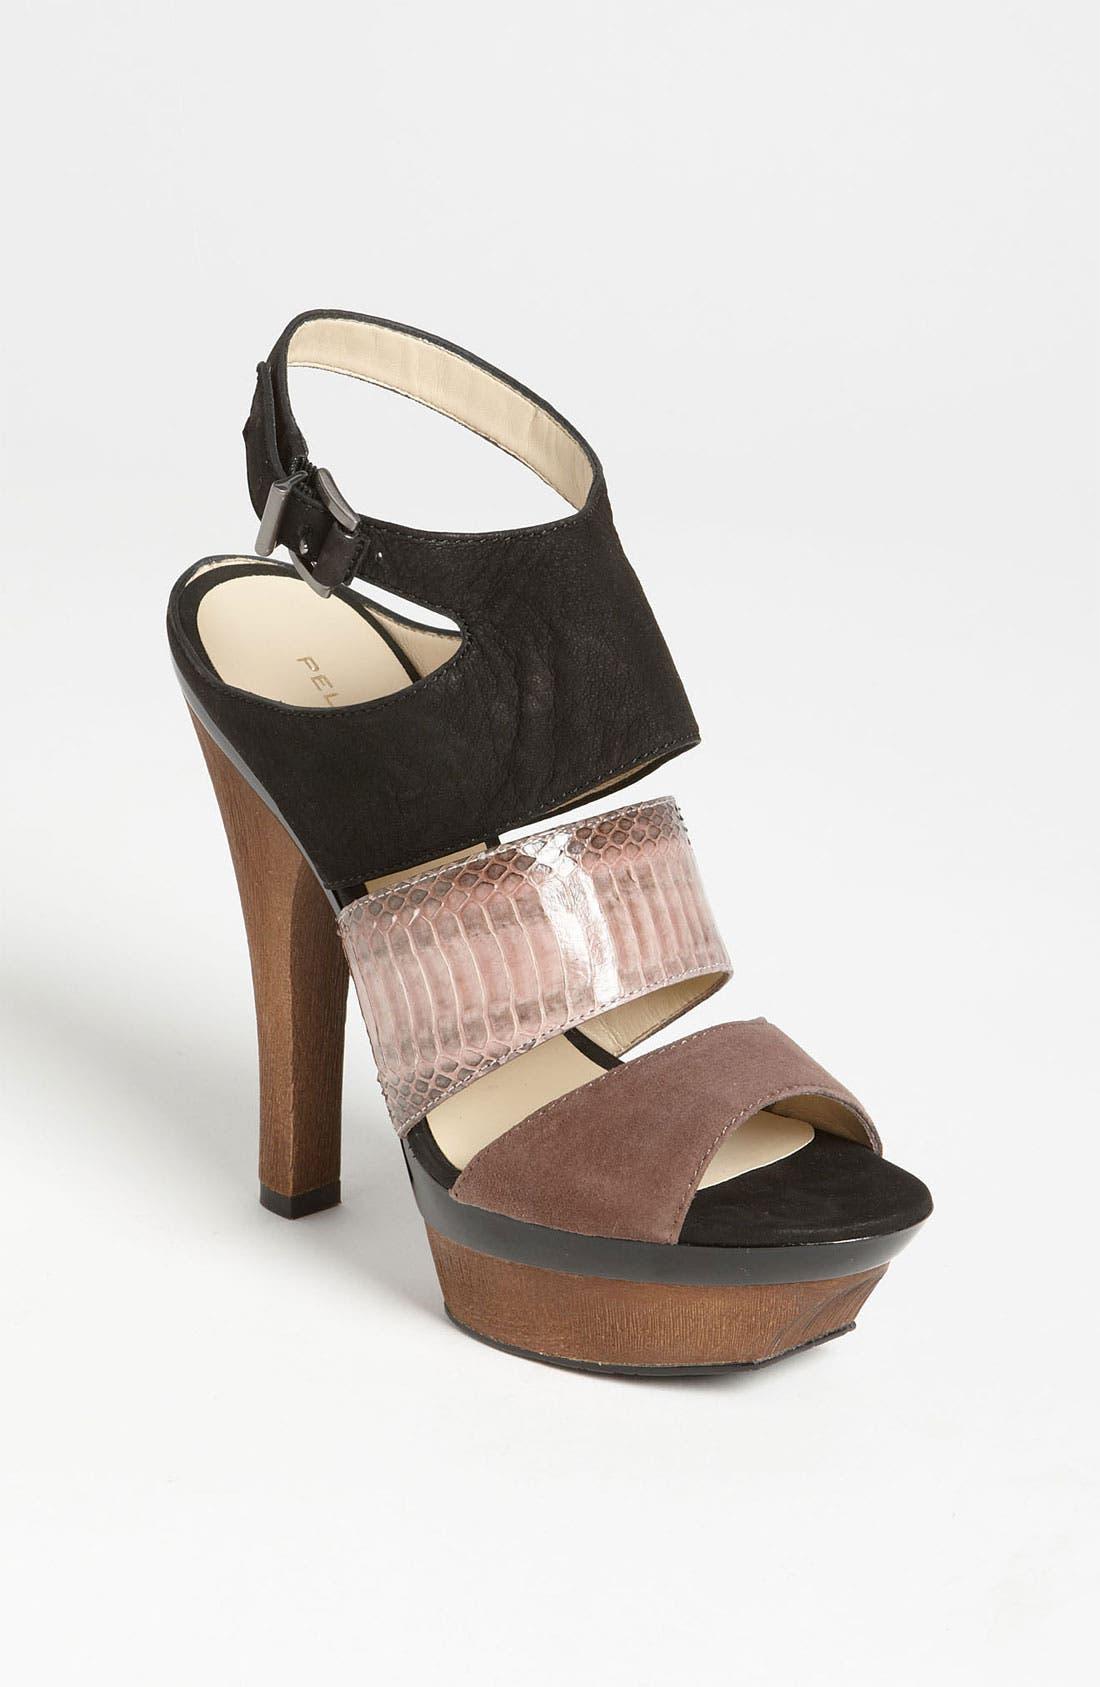 Alternate Image 1 Selected - Pelle Moda 'Mally' Sandal